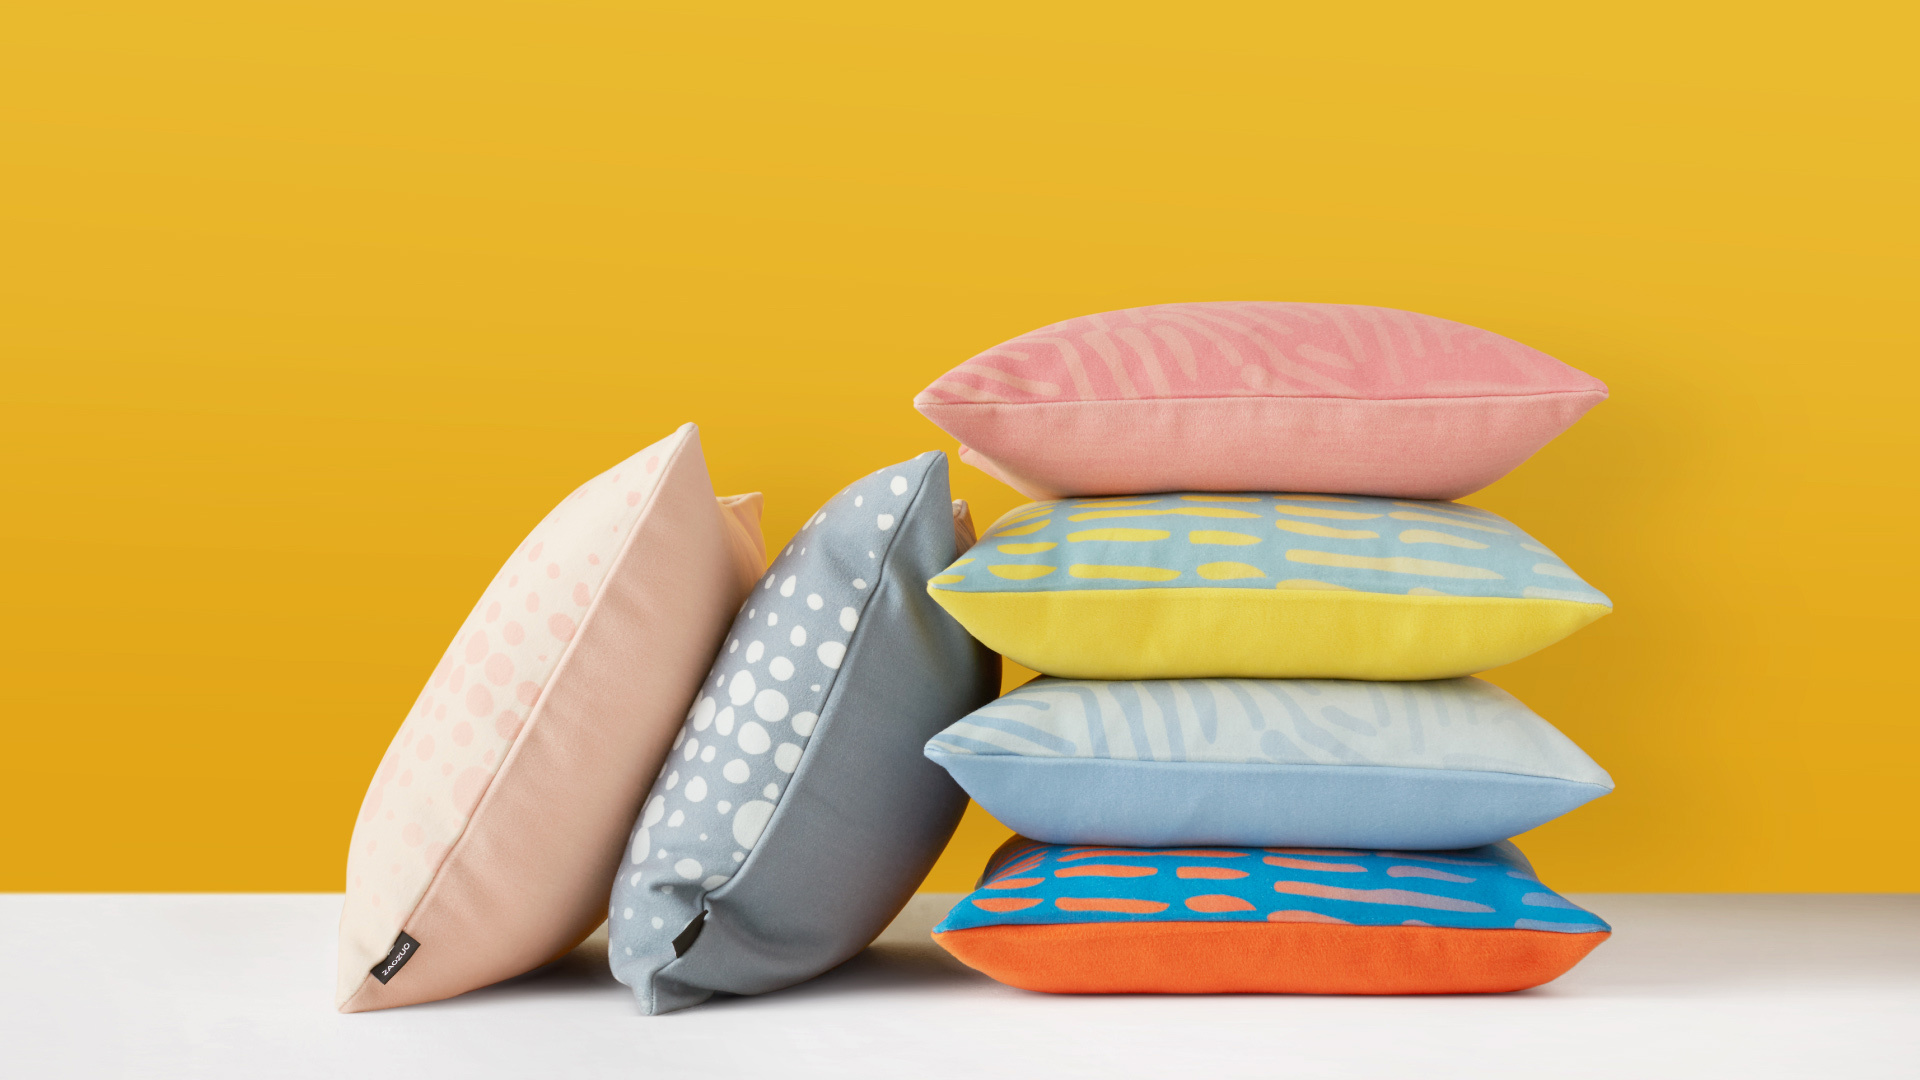 珊瑚抱枕系列 | Coral Cushion